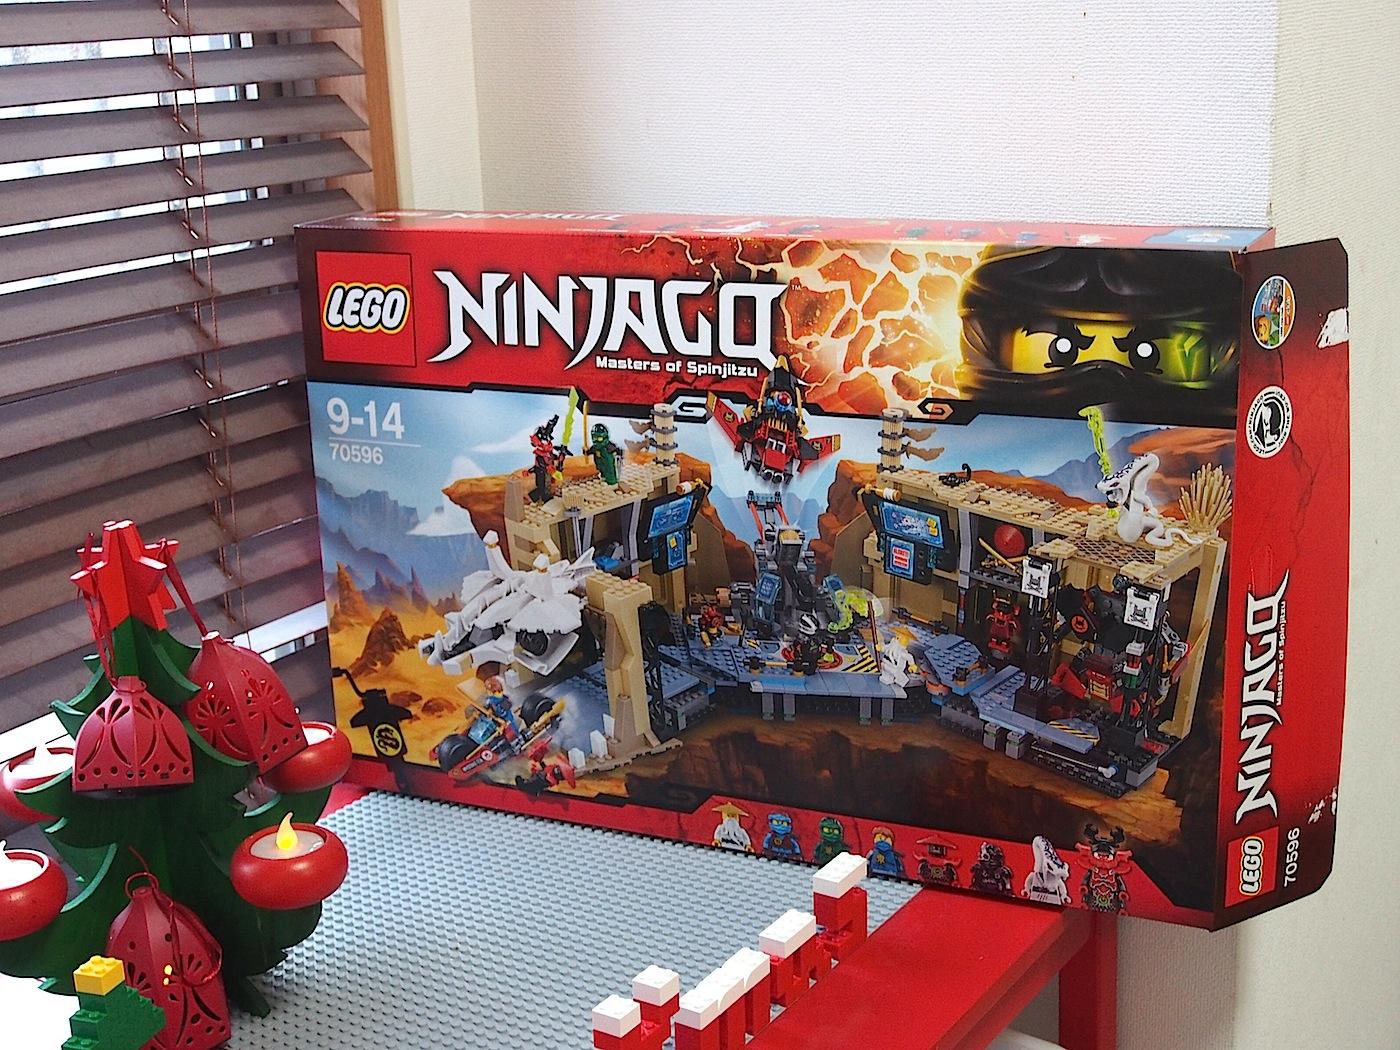 レゴ、ニンジャゴー、洞窟基地ニンジャベースX、パッケージ